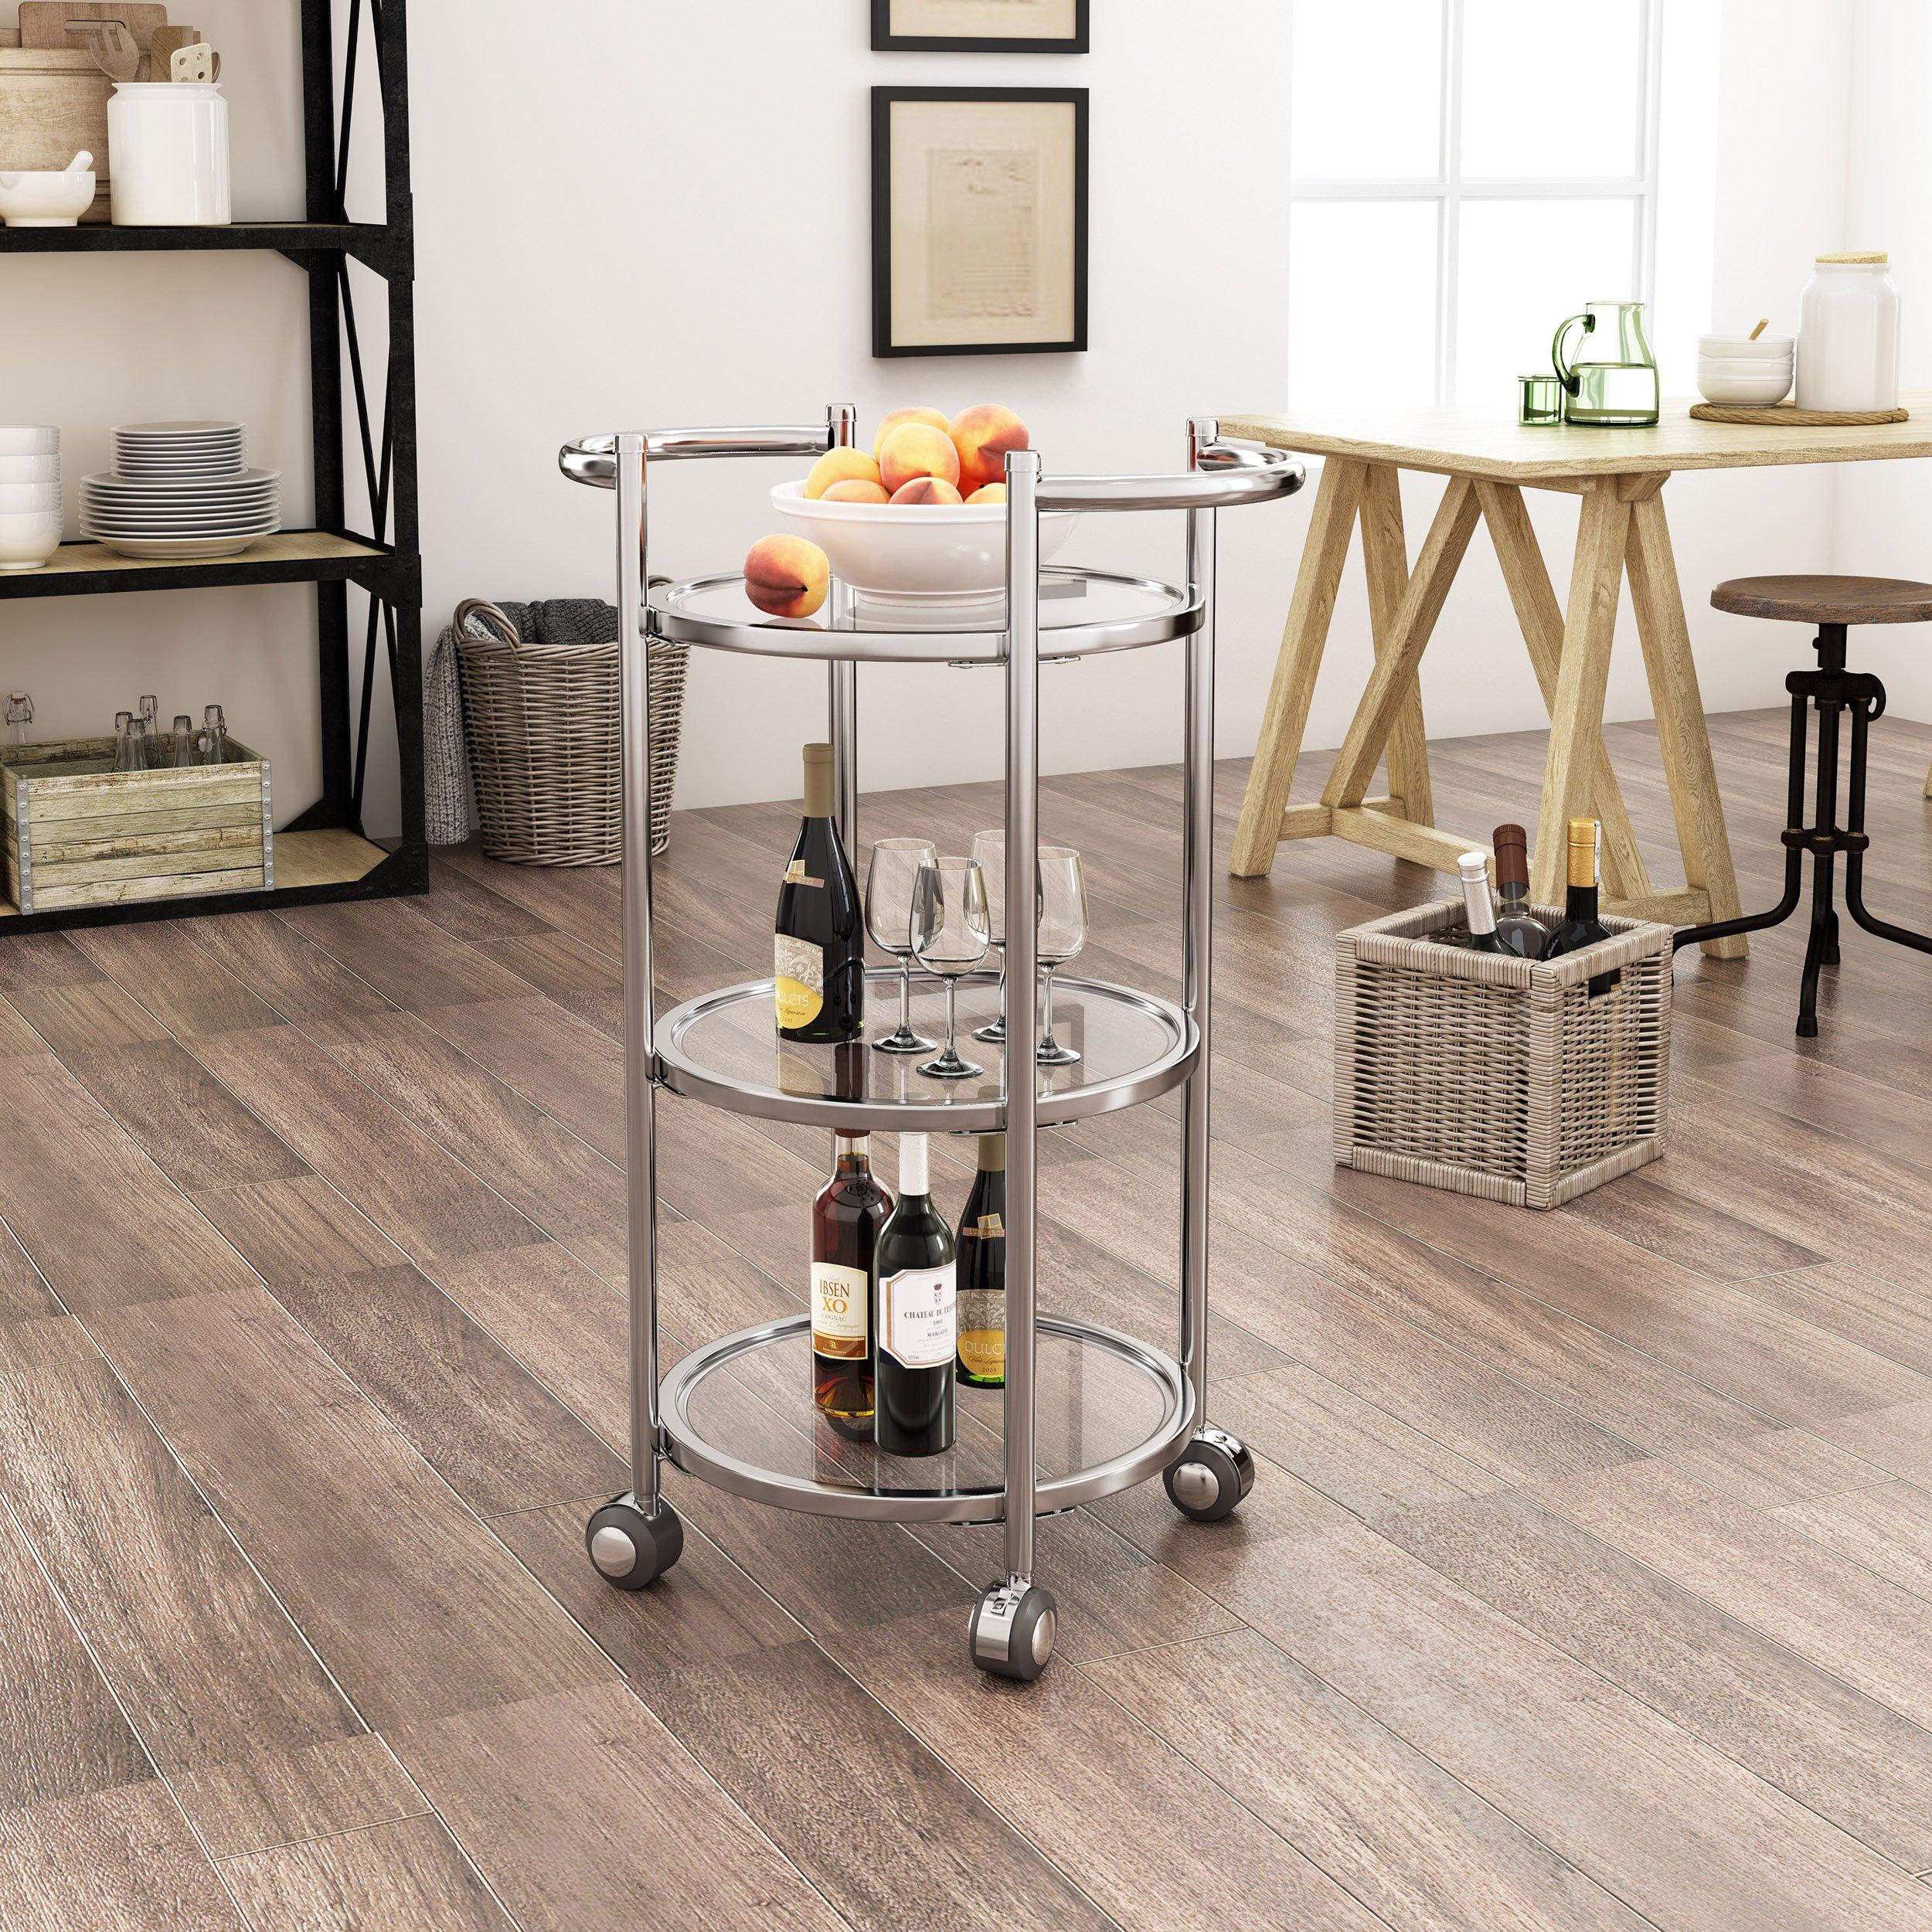 Lorelei Modern Iron and Glass Bar Cart, Silver